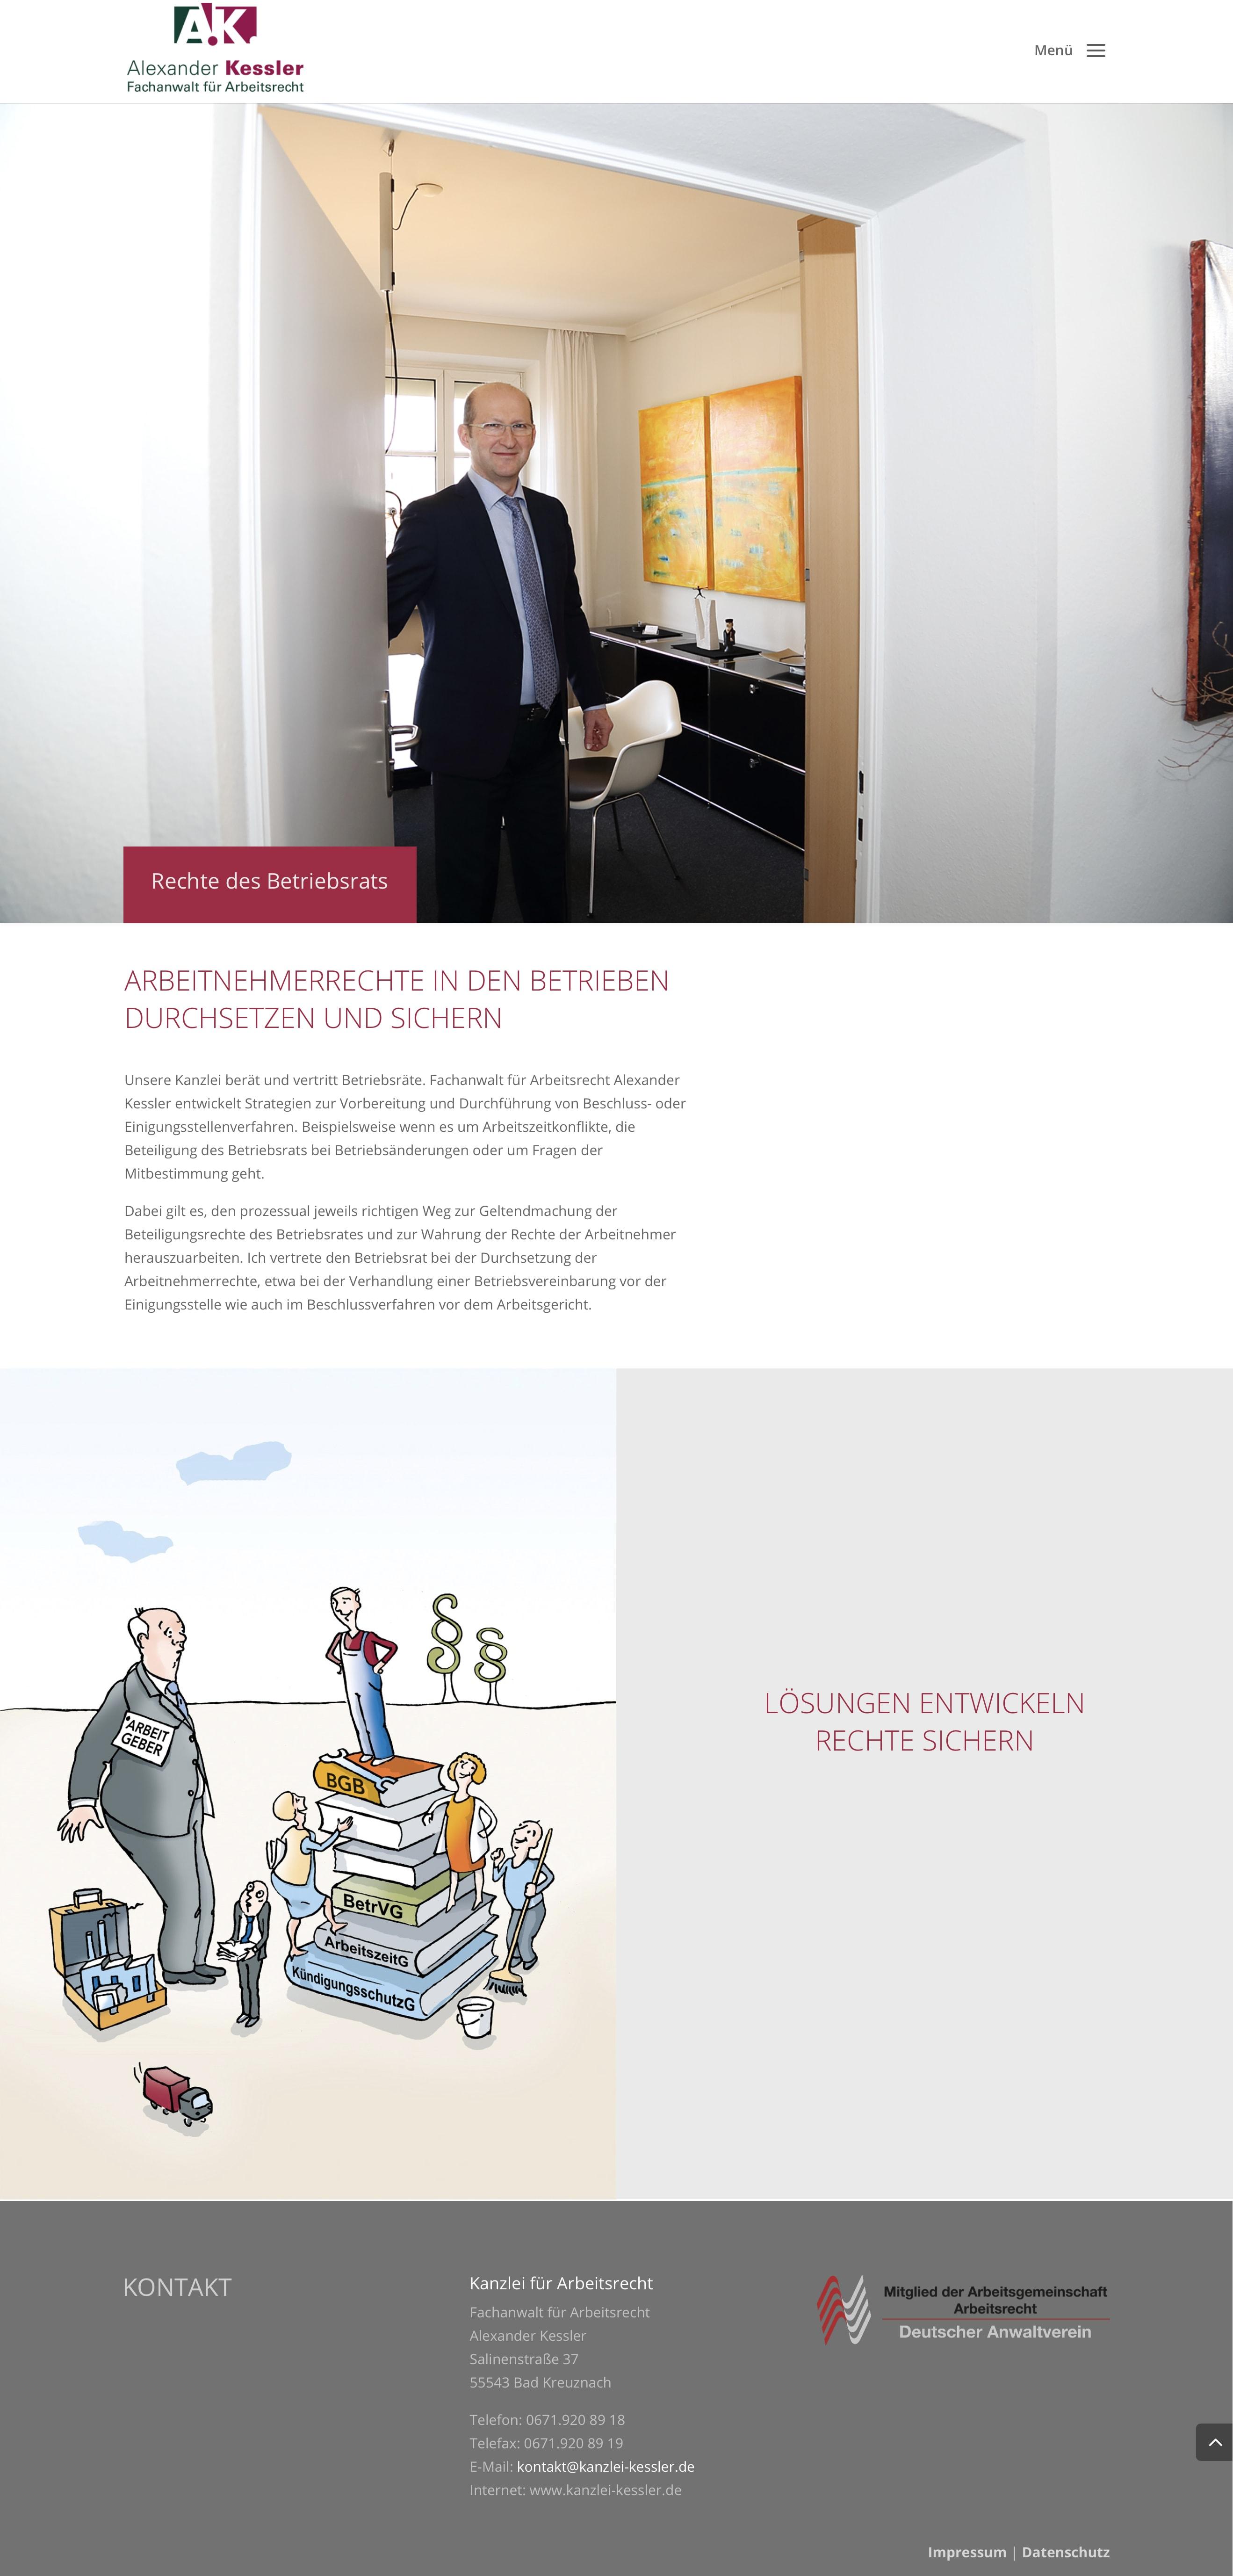 Homepage Entwicklung und Texterstellung für Fachanwalt für Arbeitsrecht durch Webdesigner Ronald Wissler